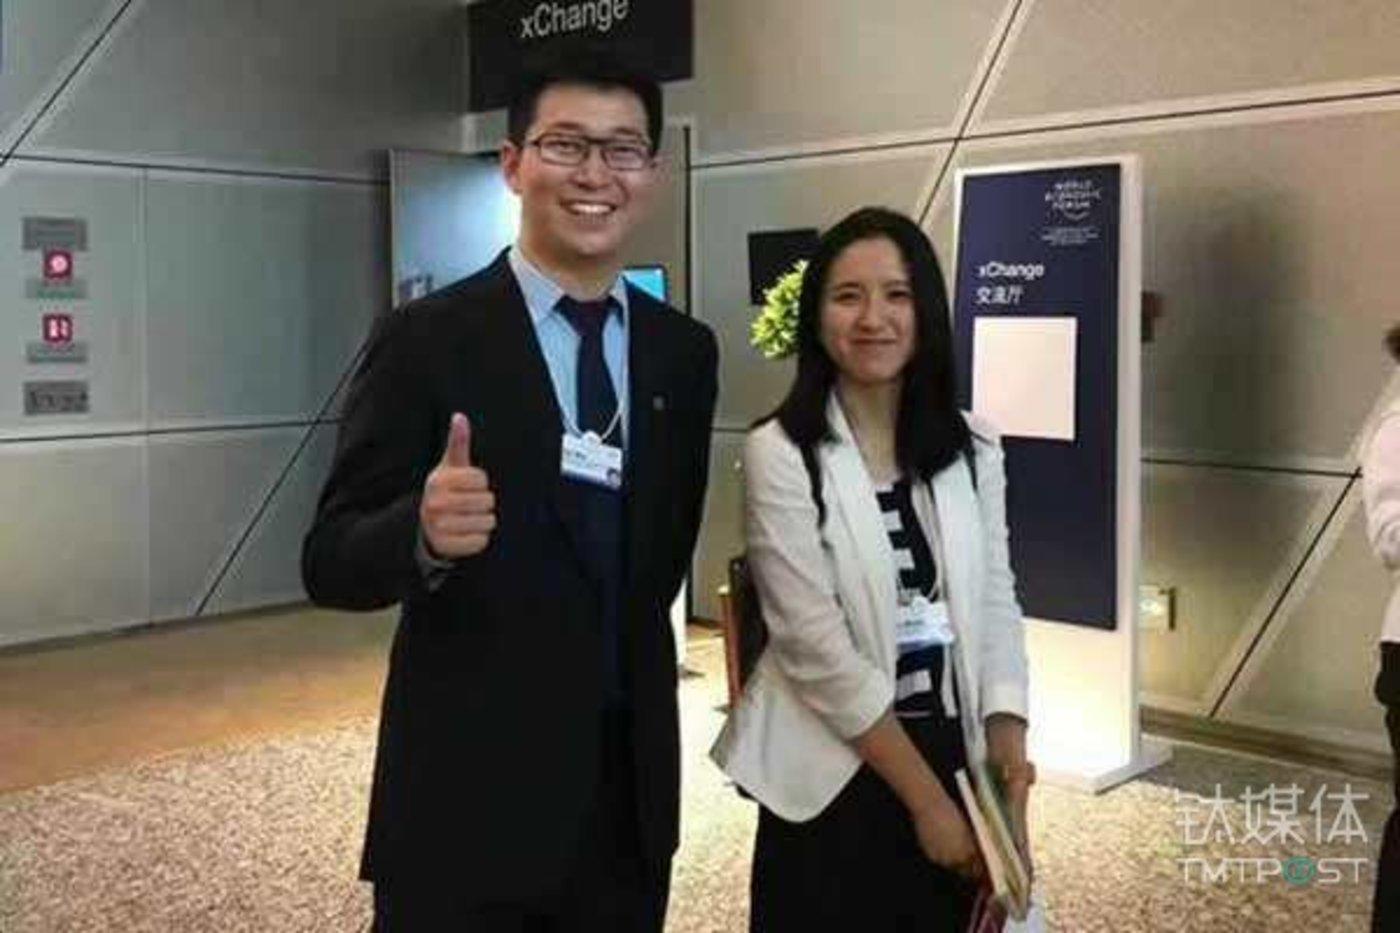 在达沃斯论坛开幕前一天,ofo 创始人戴威与Mobike 创始人胡玮玮的一张合照,再次引发了两家公司合并的传闻。